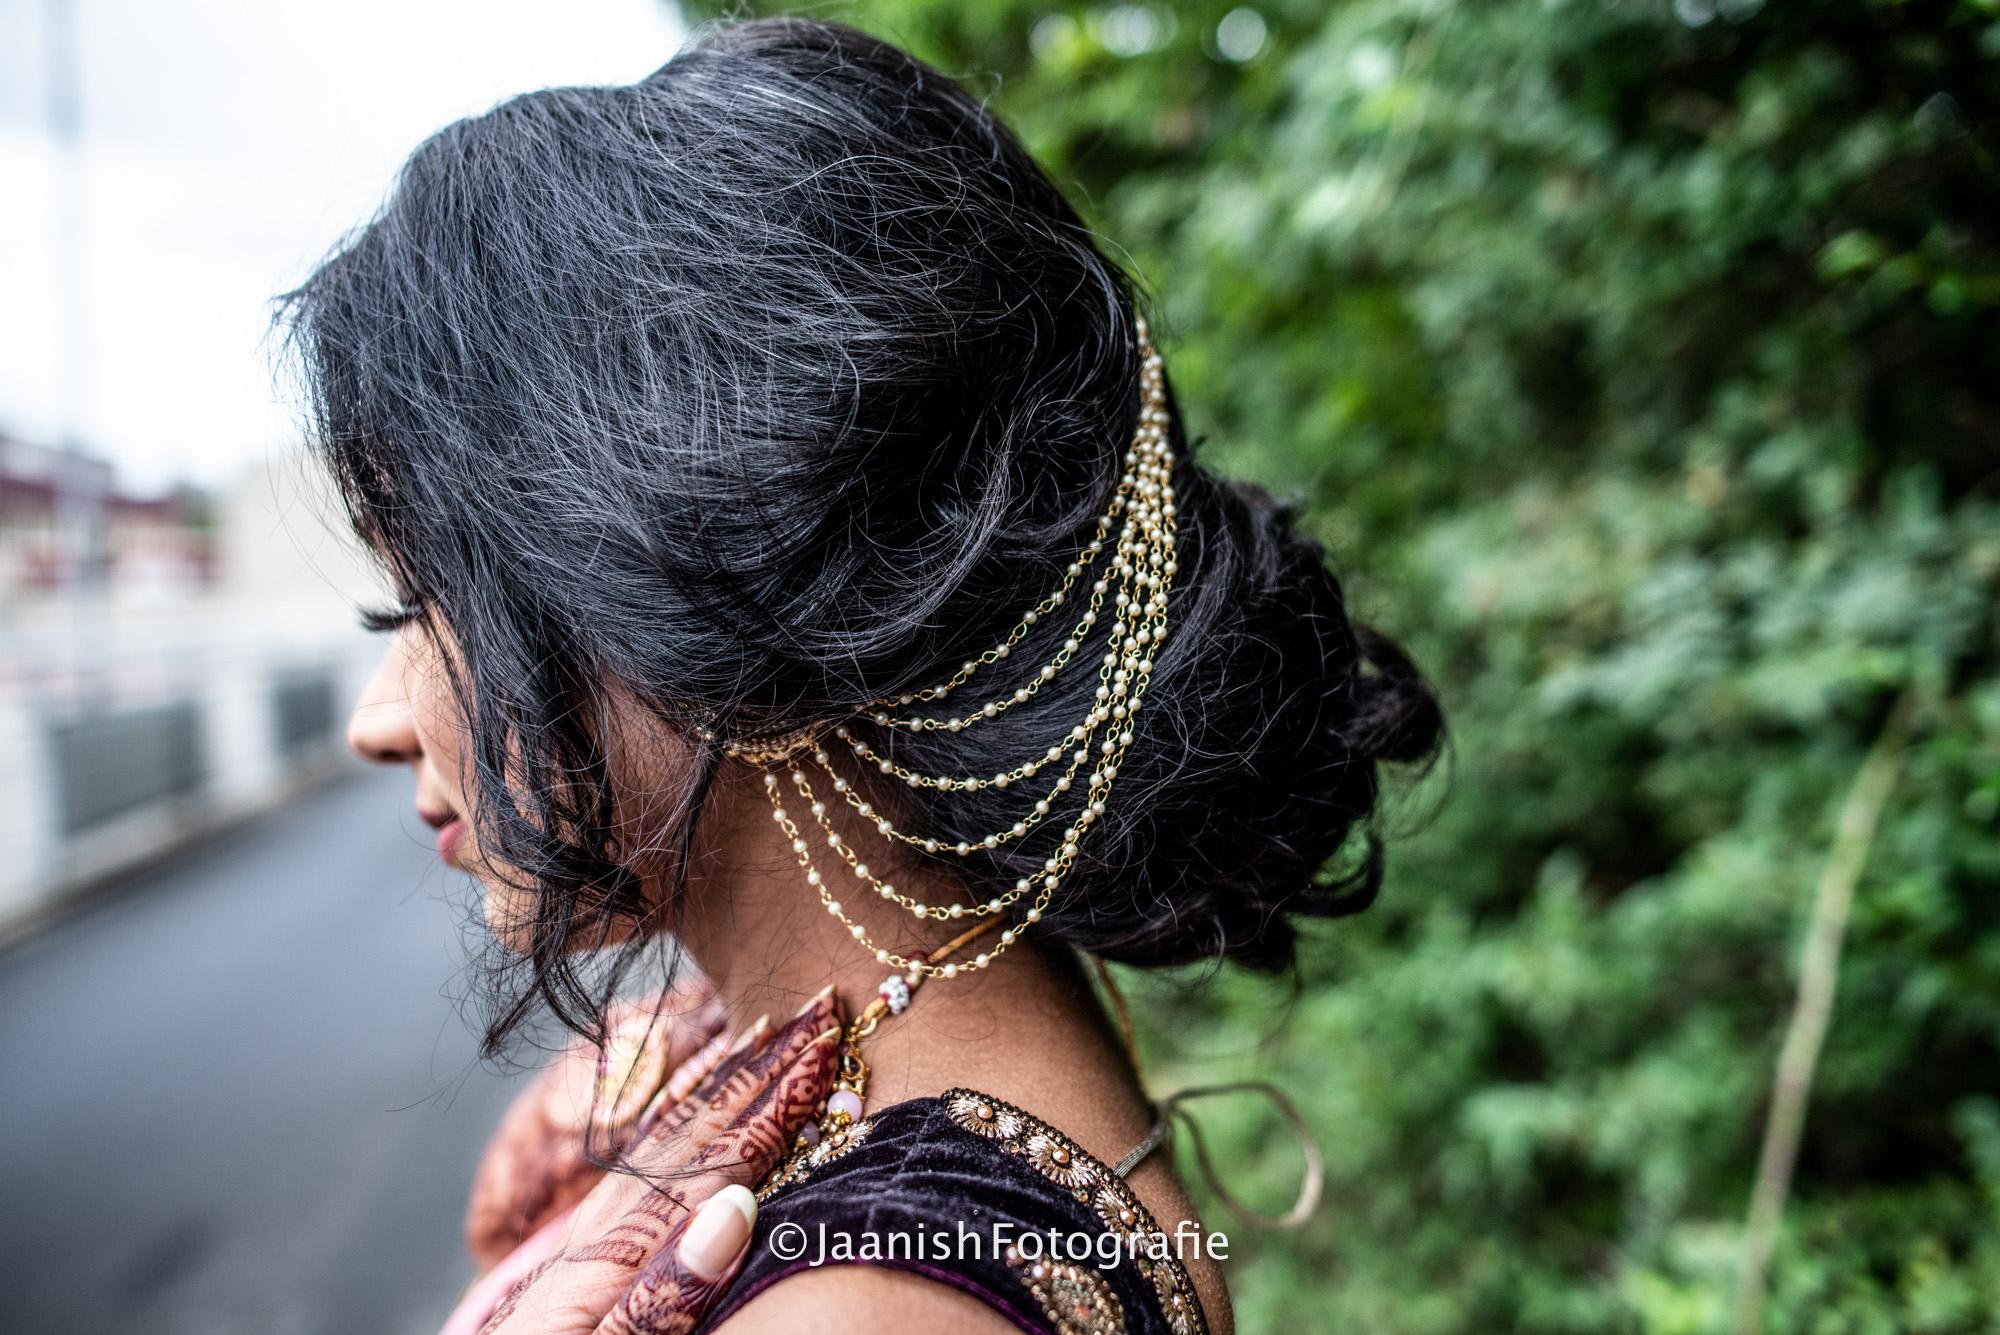 Bhatwaan fotograaf Maya 5